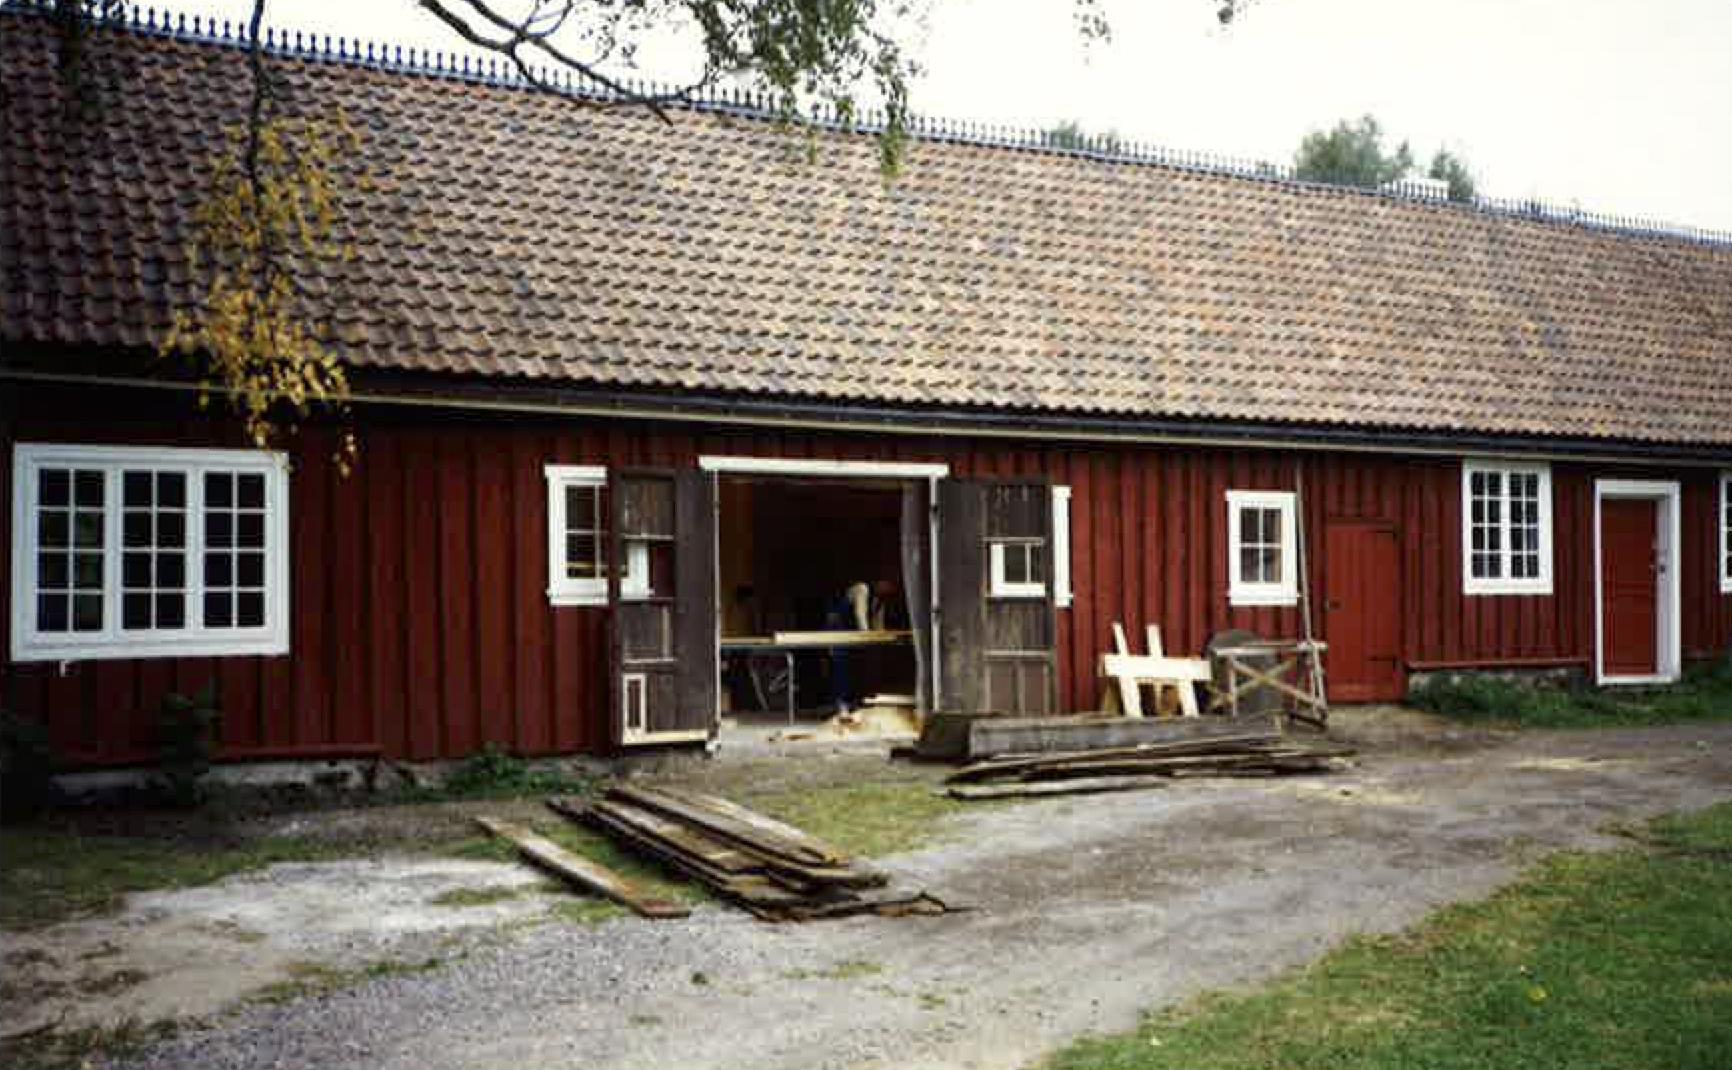 Kavalerfløyen Eidsfoss hovedgård res, del5 copy 2.jpg